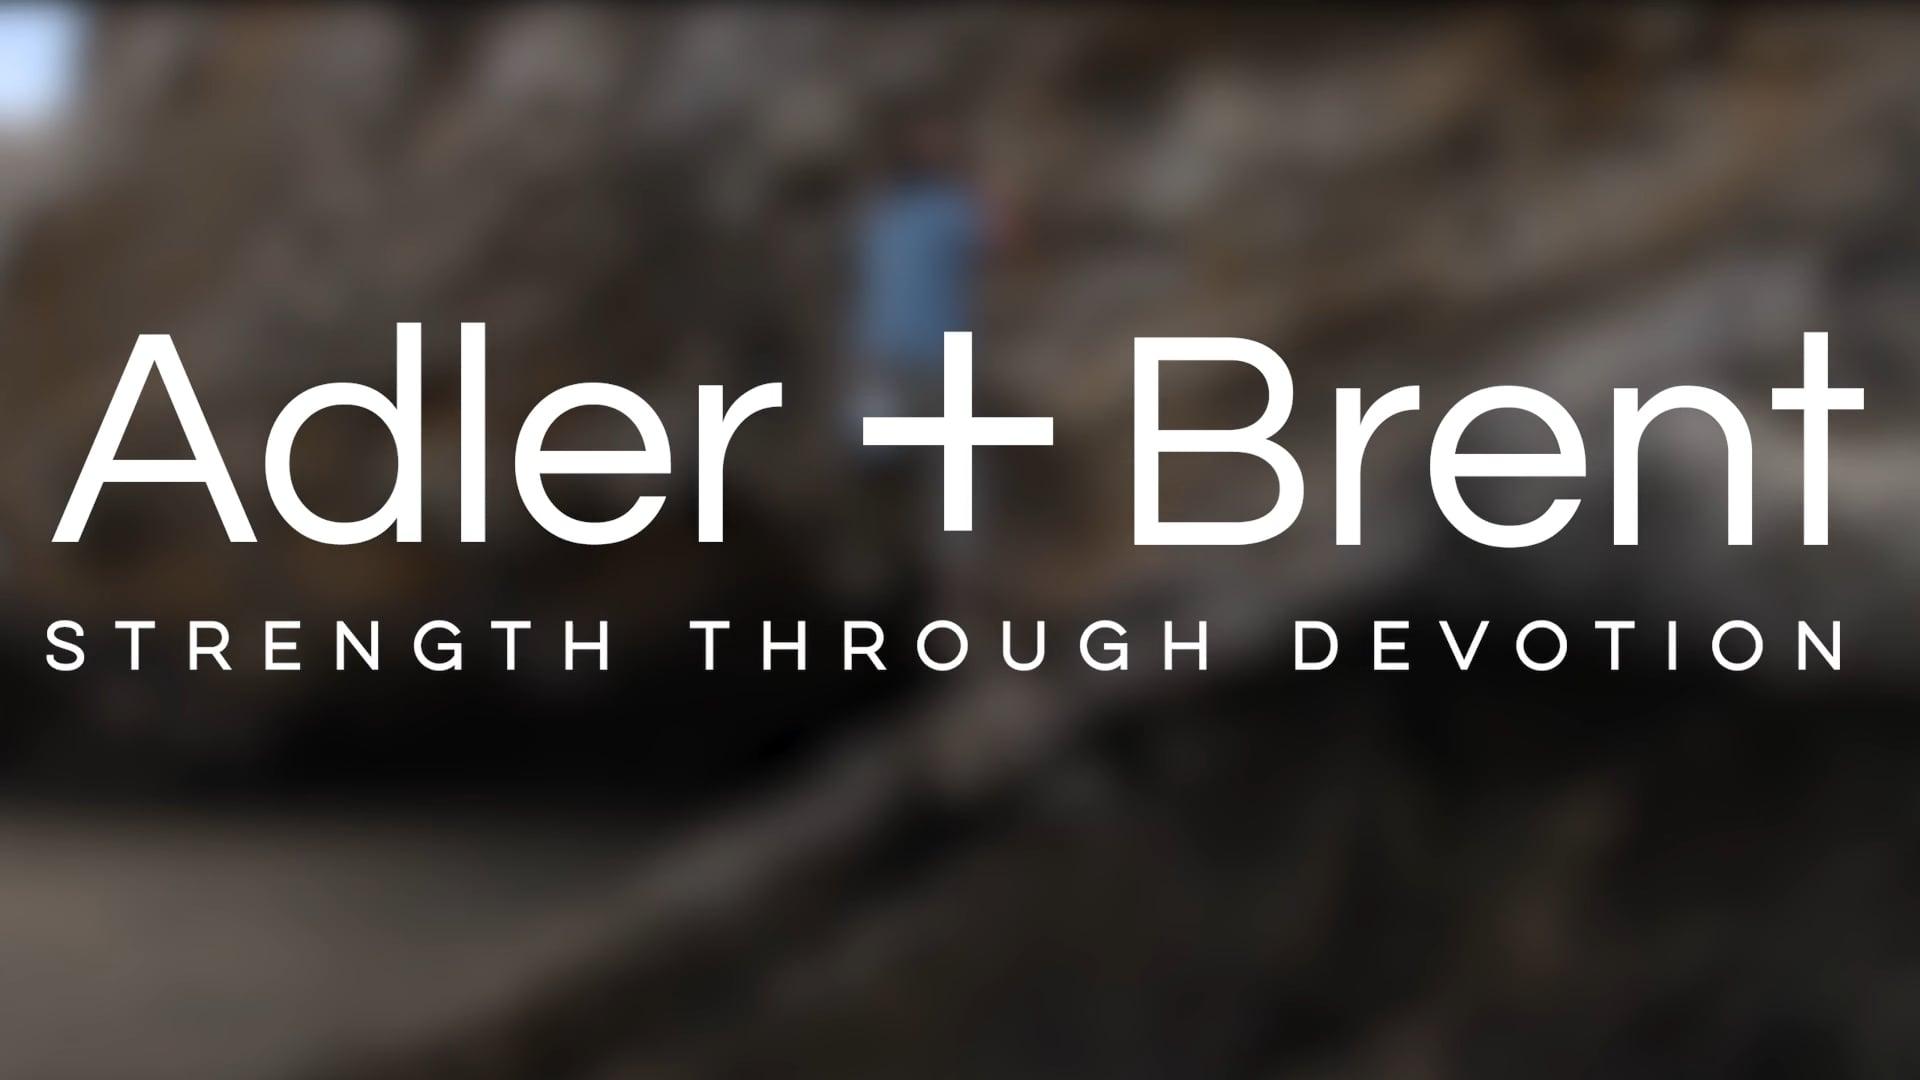 Adler + Brent | Product Video